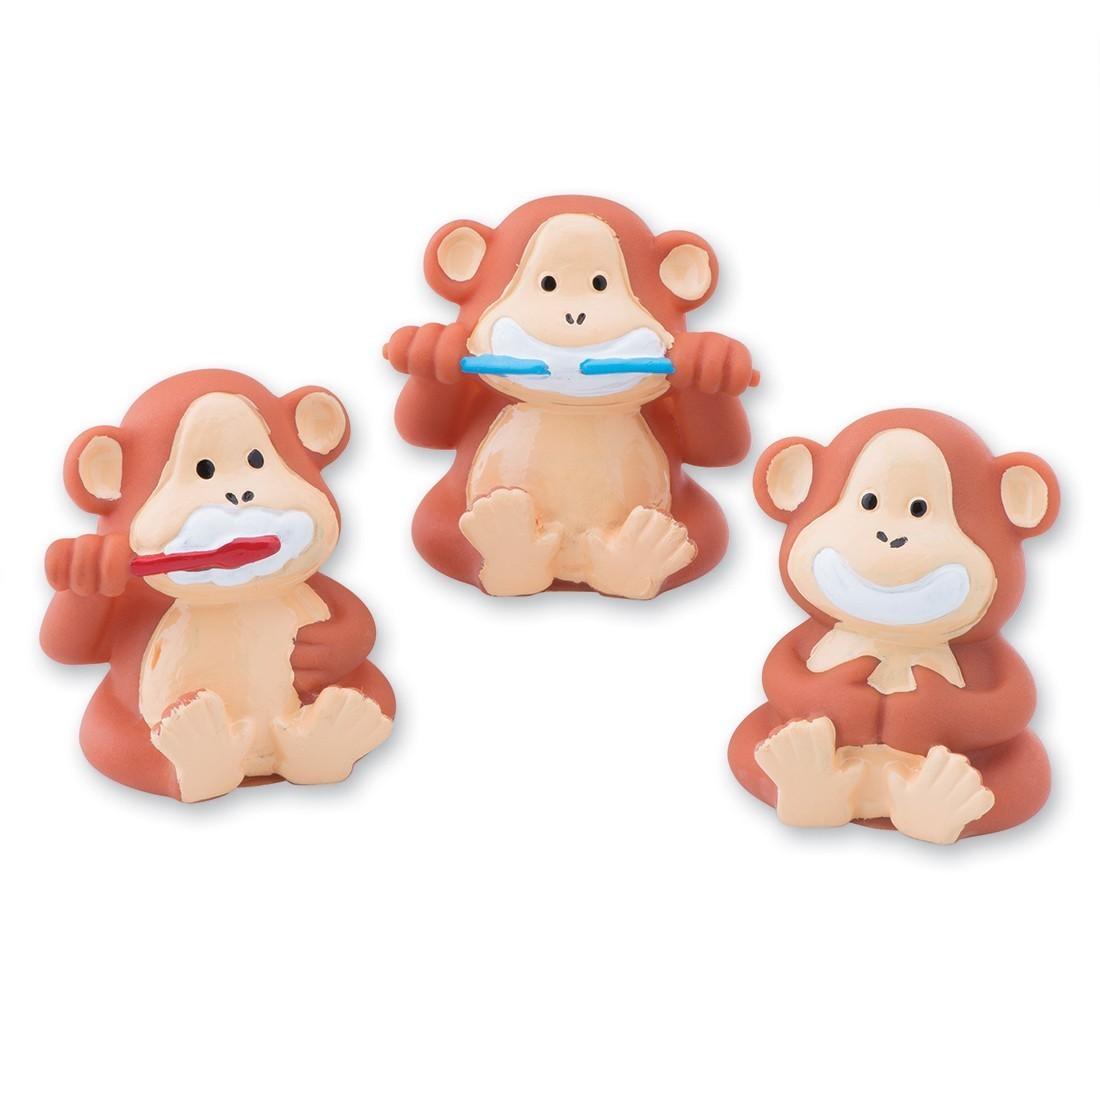 Brush Floss Smile Monkey Finger Puppets [image]